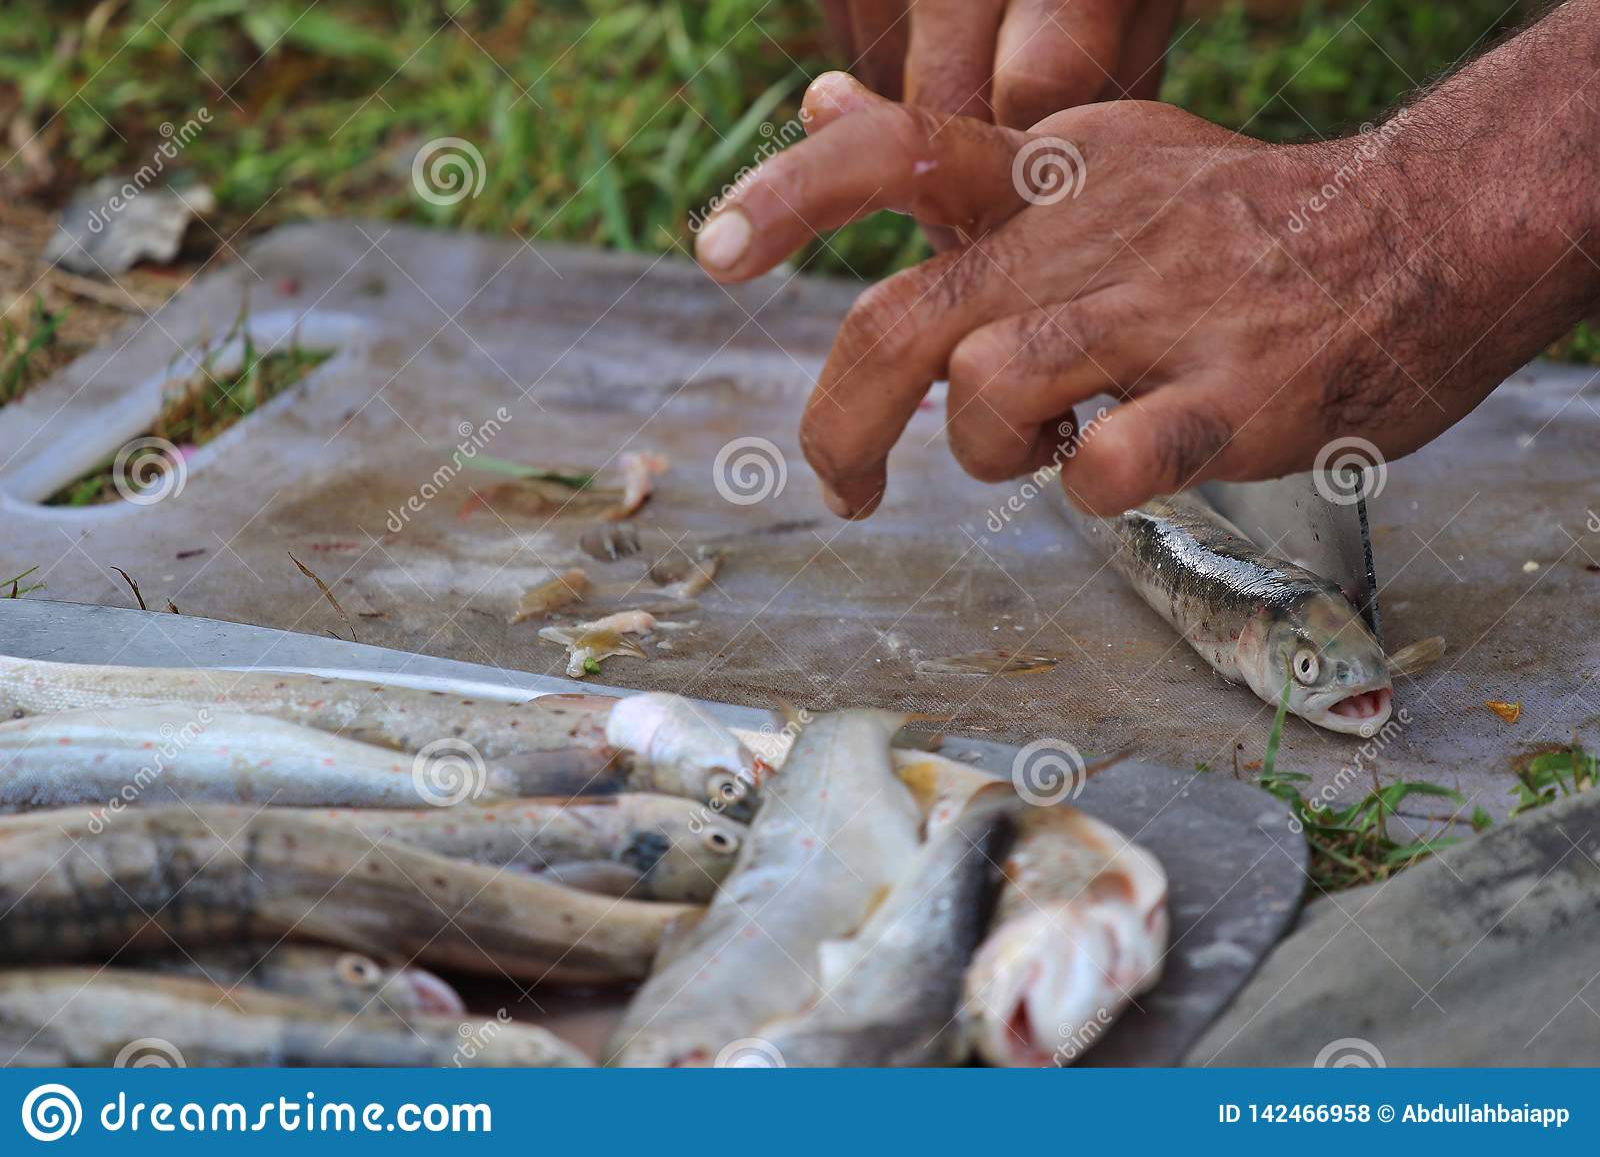 Een persoon het schoonmaken forel vist voor het koken bij een kampeerterrein